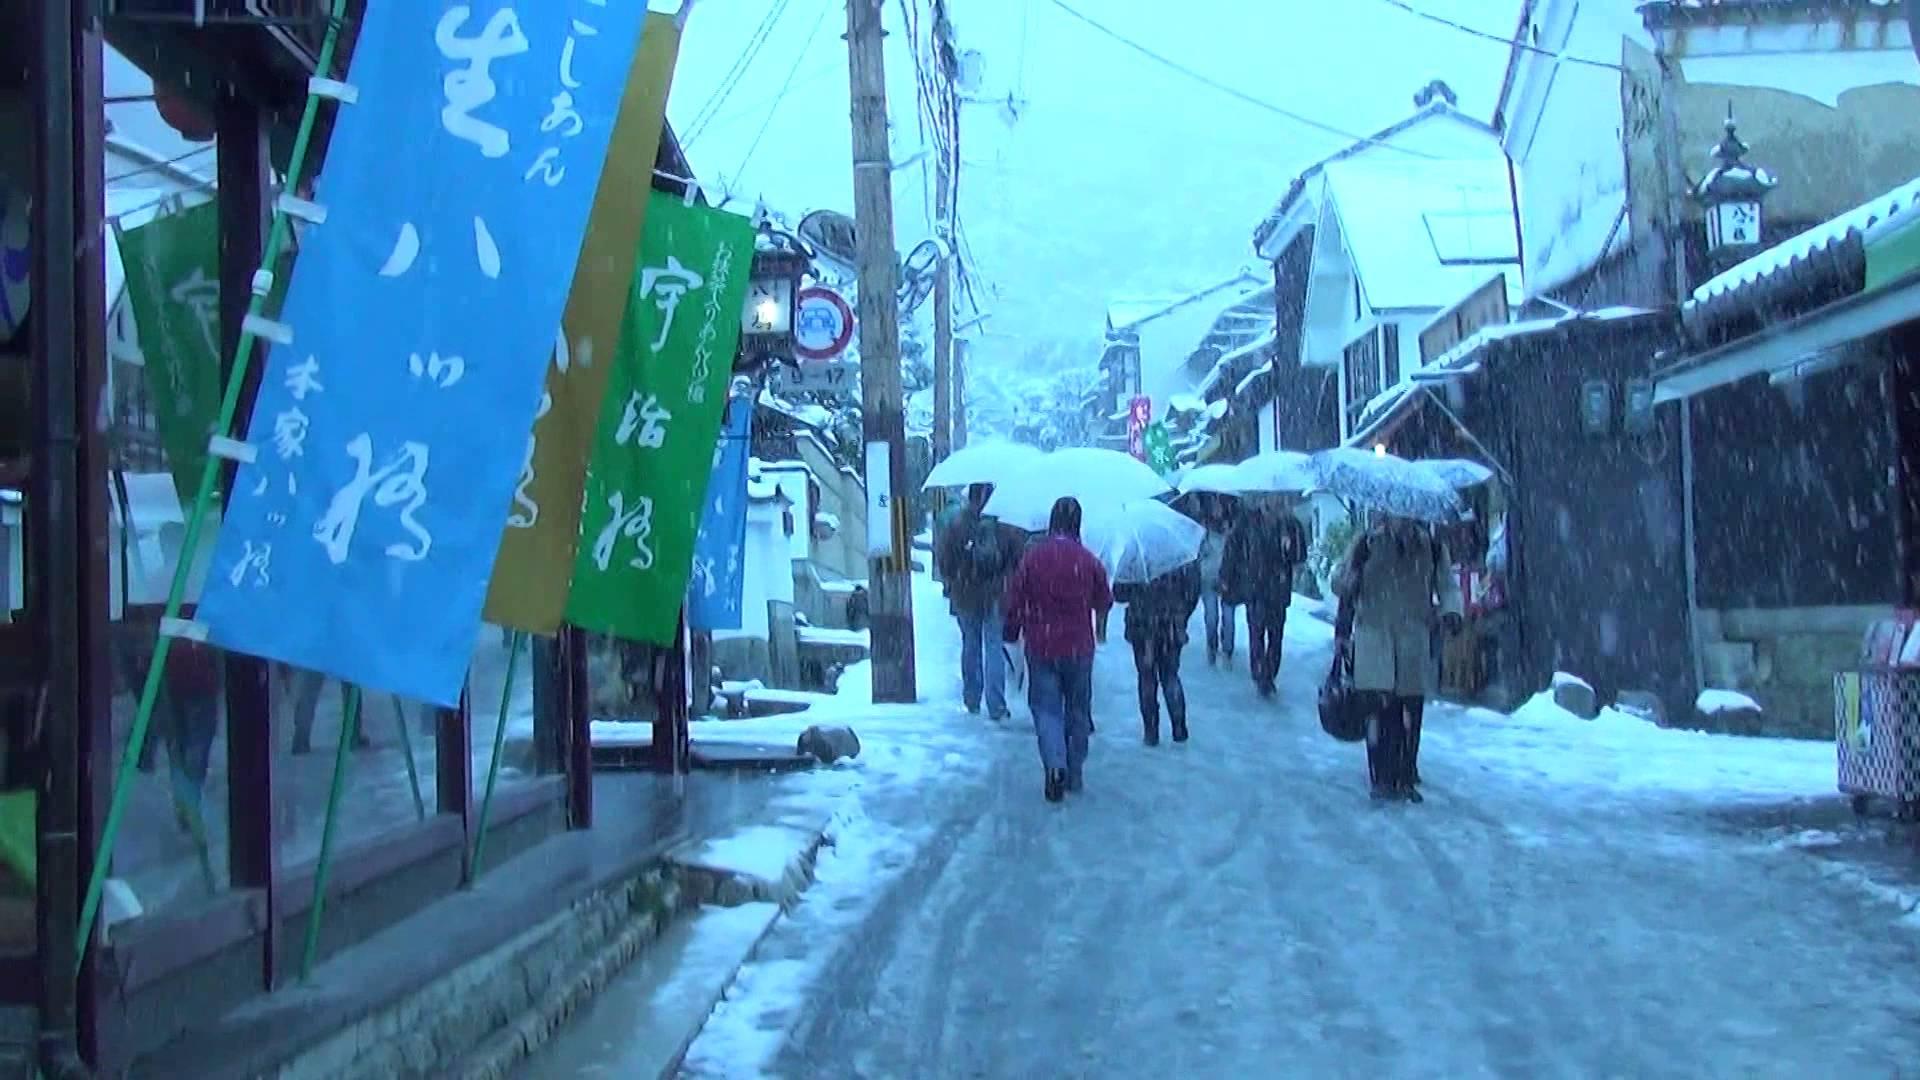 雪化粧銀閣寺で発見!巨大牛乳プリン